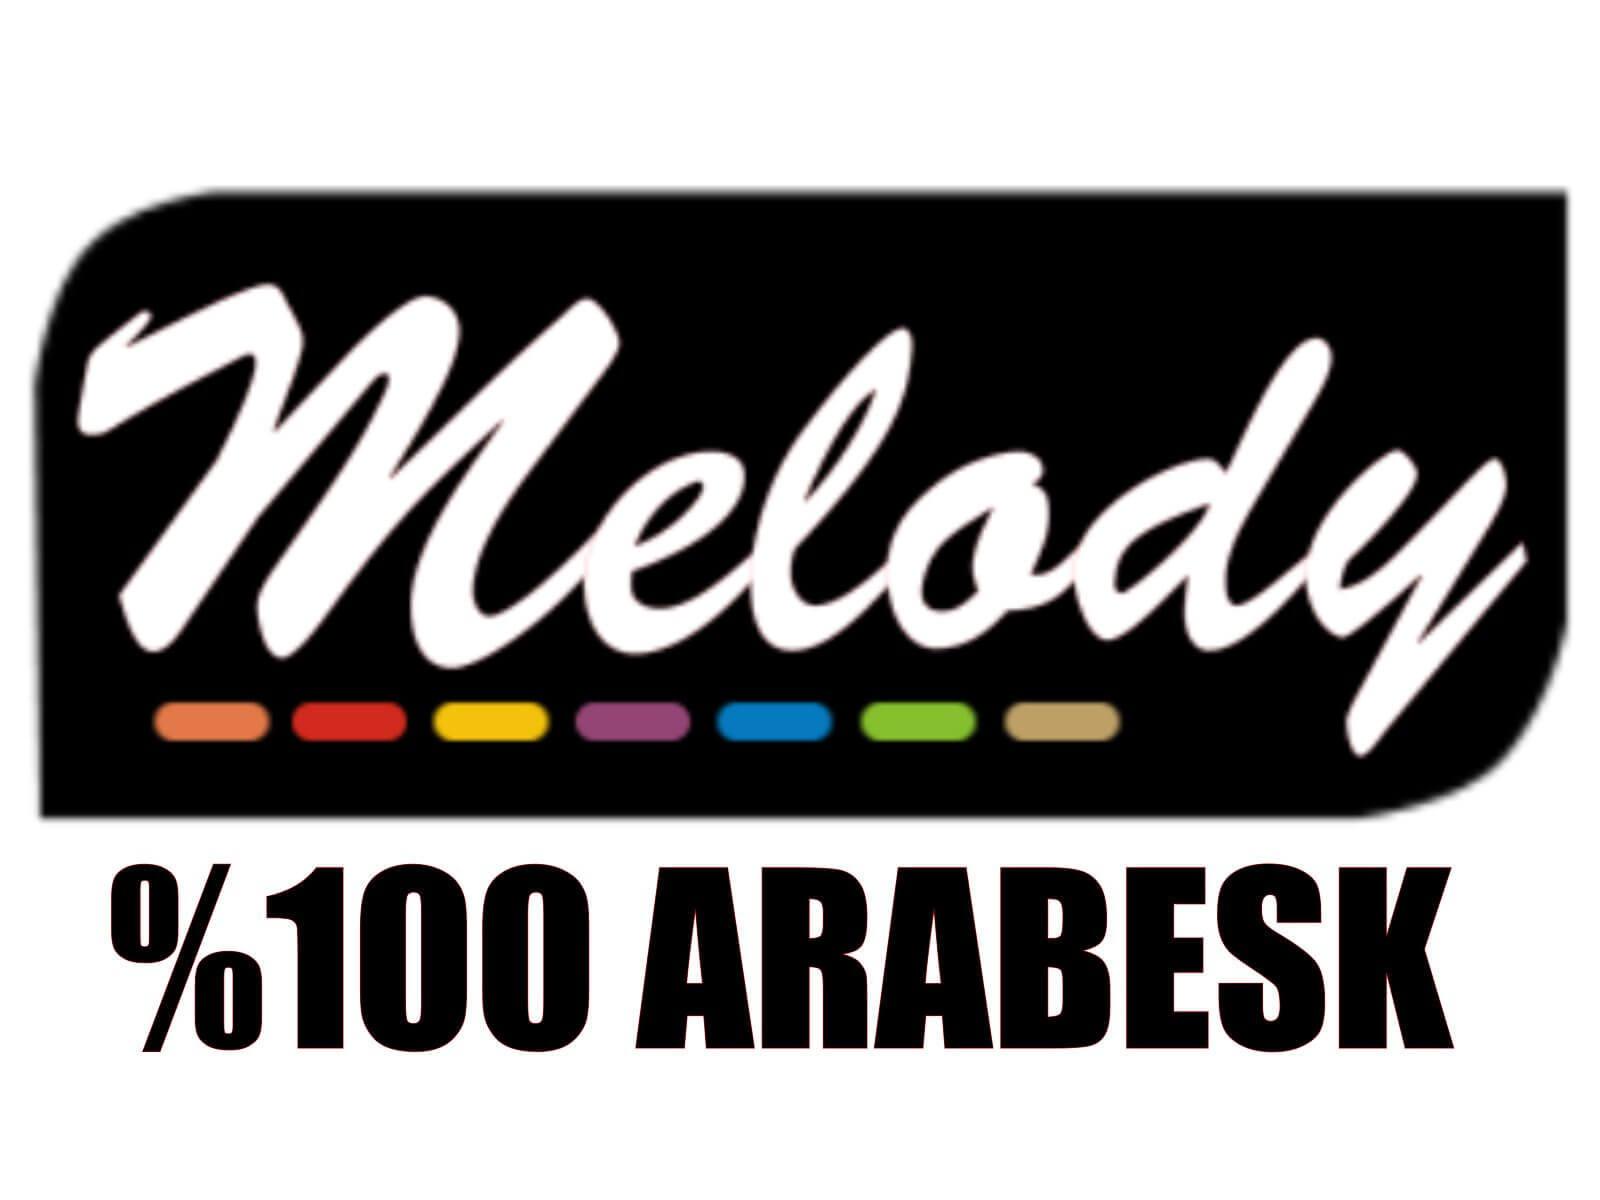 Melodi Tv Arabesk (Melody Tv) Güncel Yeni Frekans - basin-medya